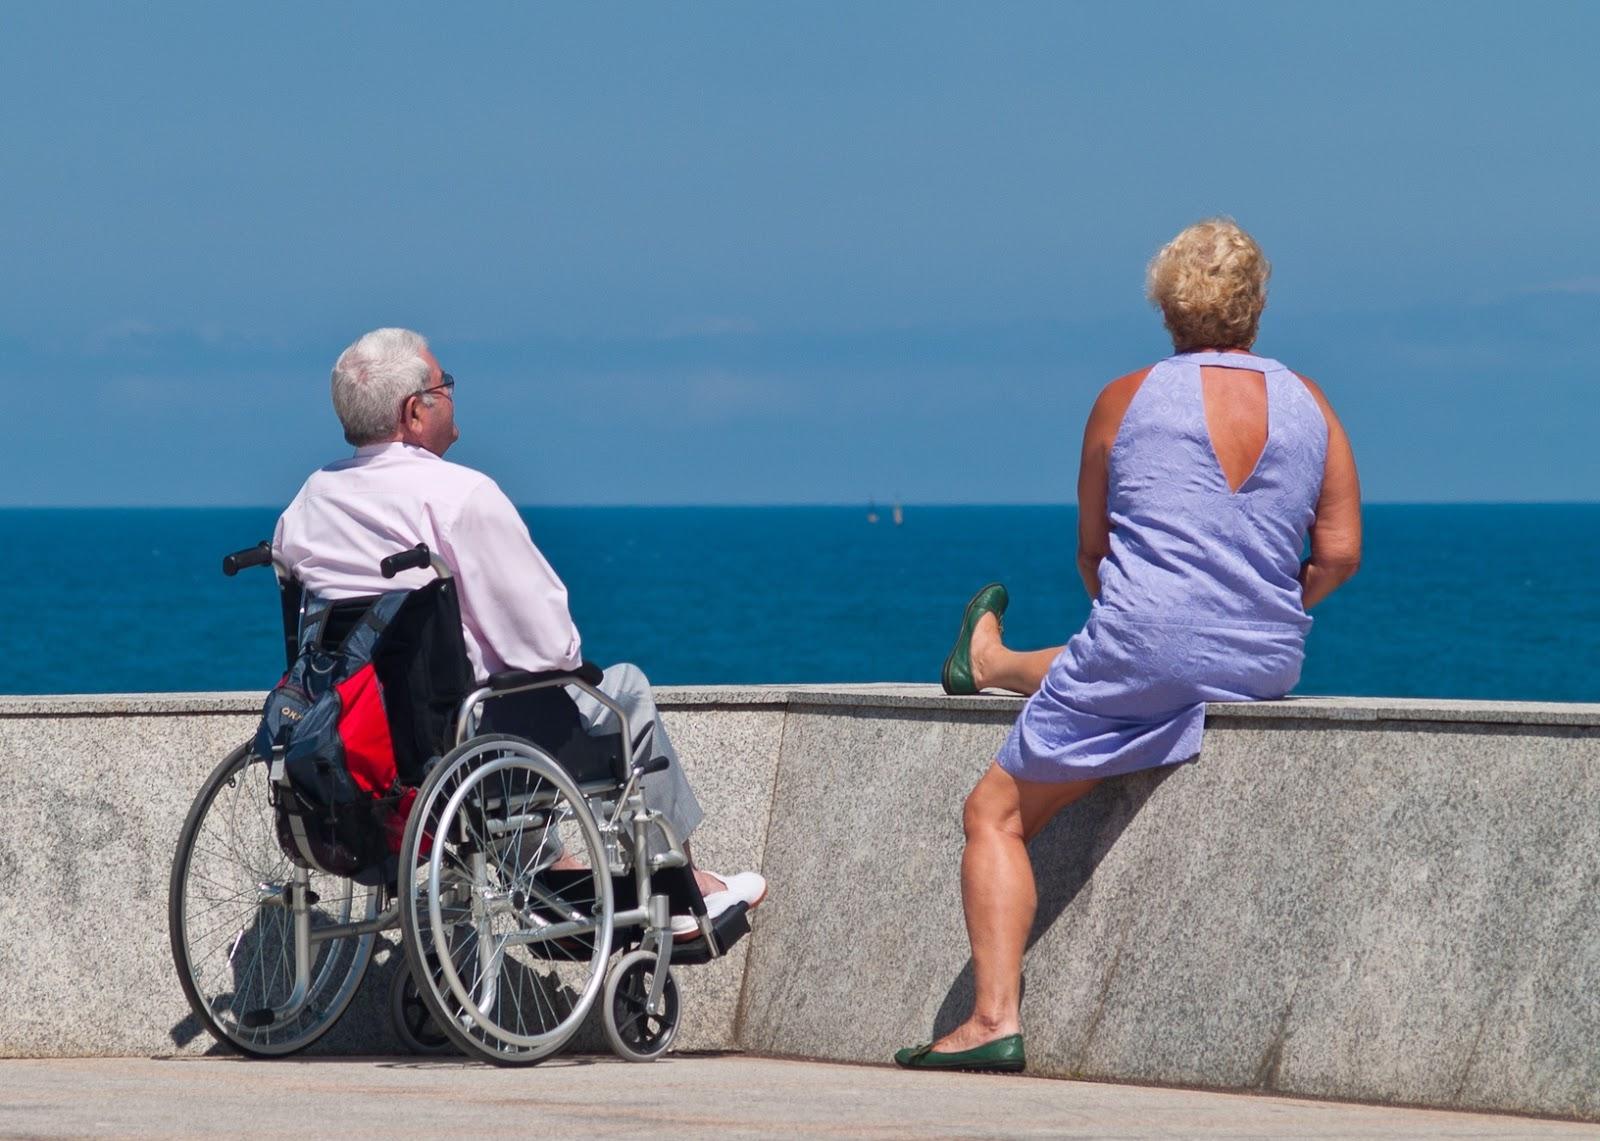 5a208471cf6b Sommaren är här och många åker till sommarstugan eller utomlands. För den  som är äldre och som behöver hjälp i vardagen kan det kännas lite bökigt.